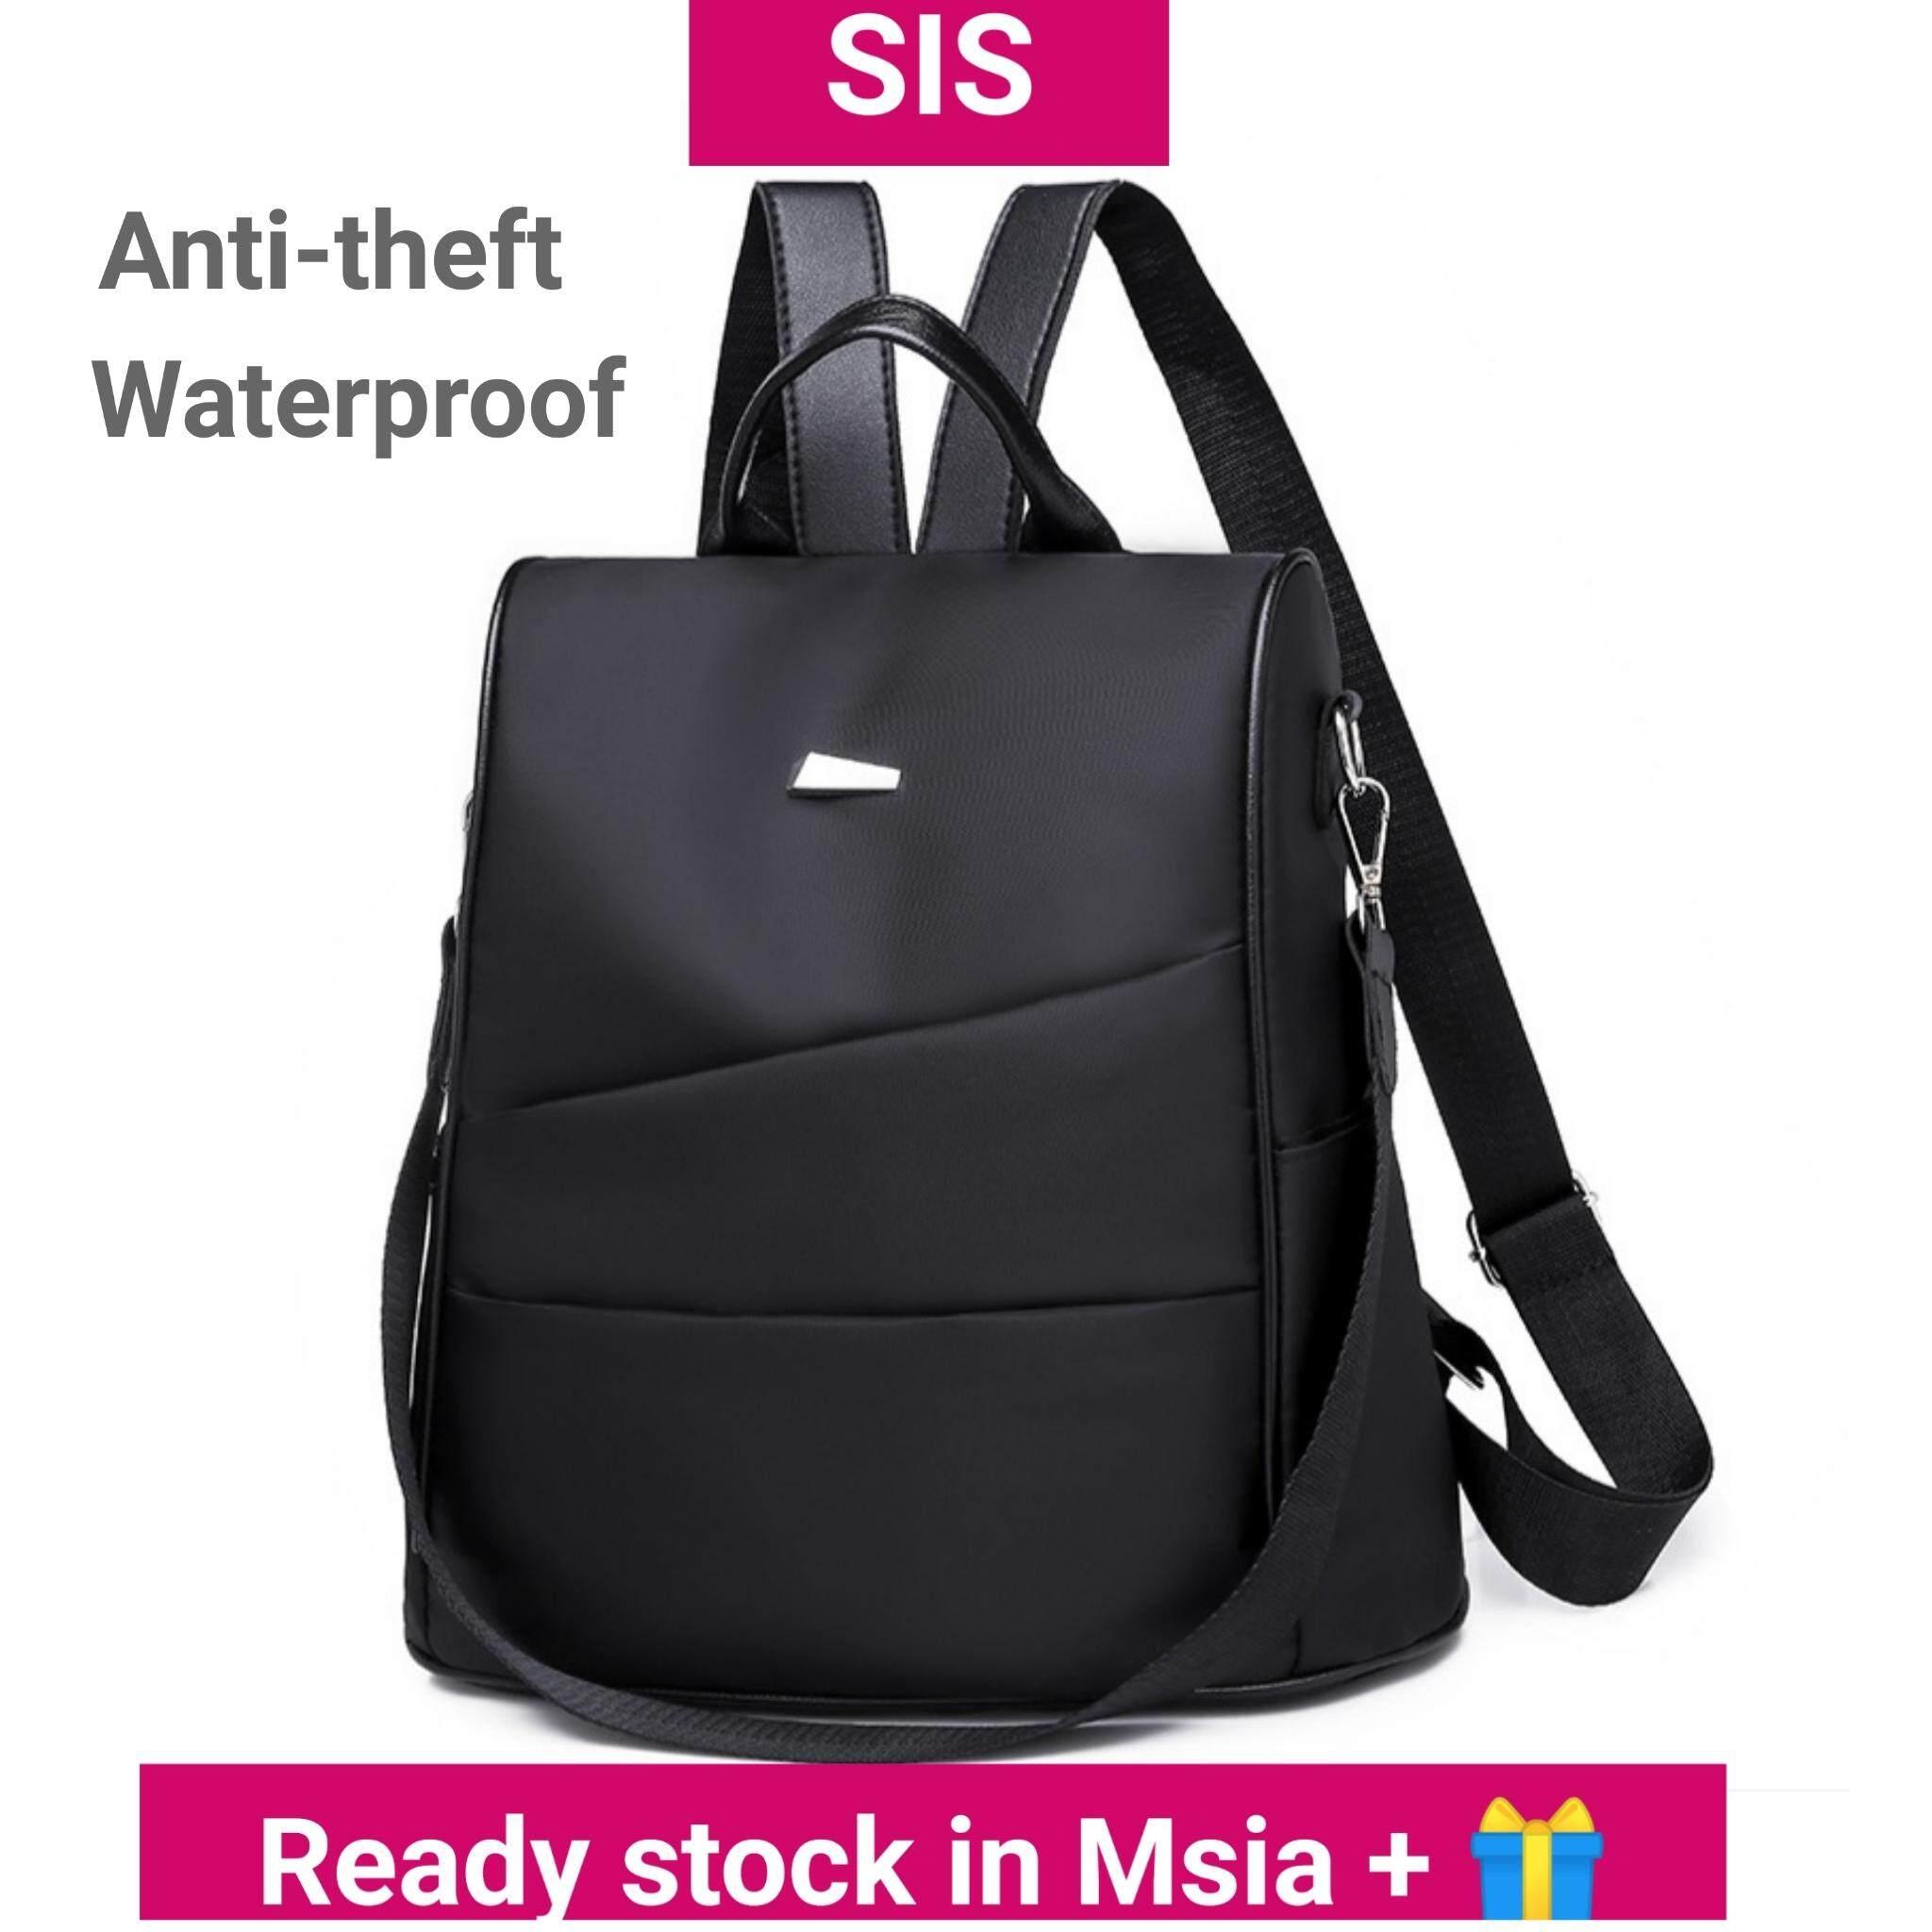 05fdbbf12abf Anti-theft and Waterproof Korean Style Ladies Women Backpack Casual  Racksack Travel Bag Sling Bag